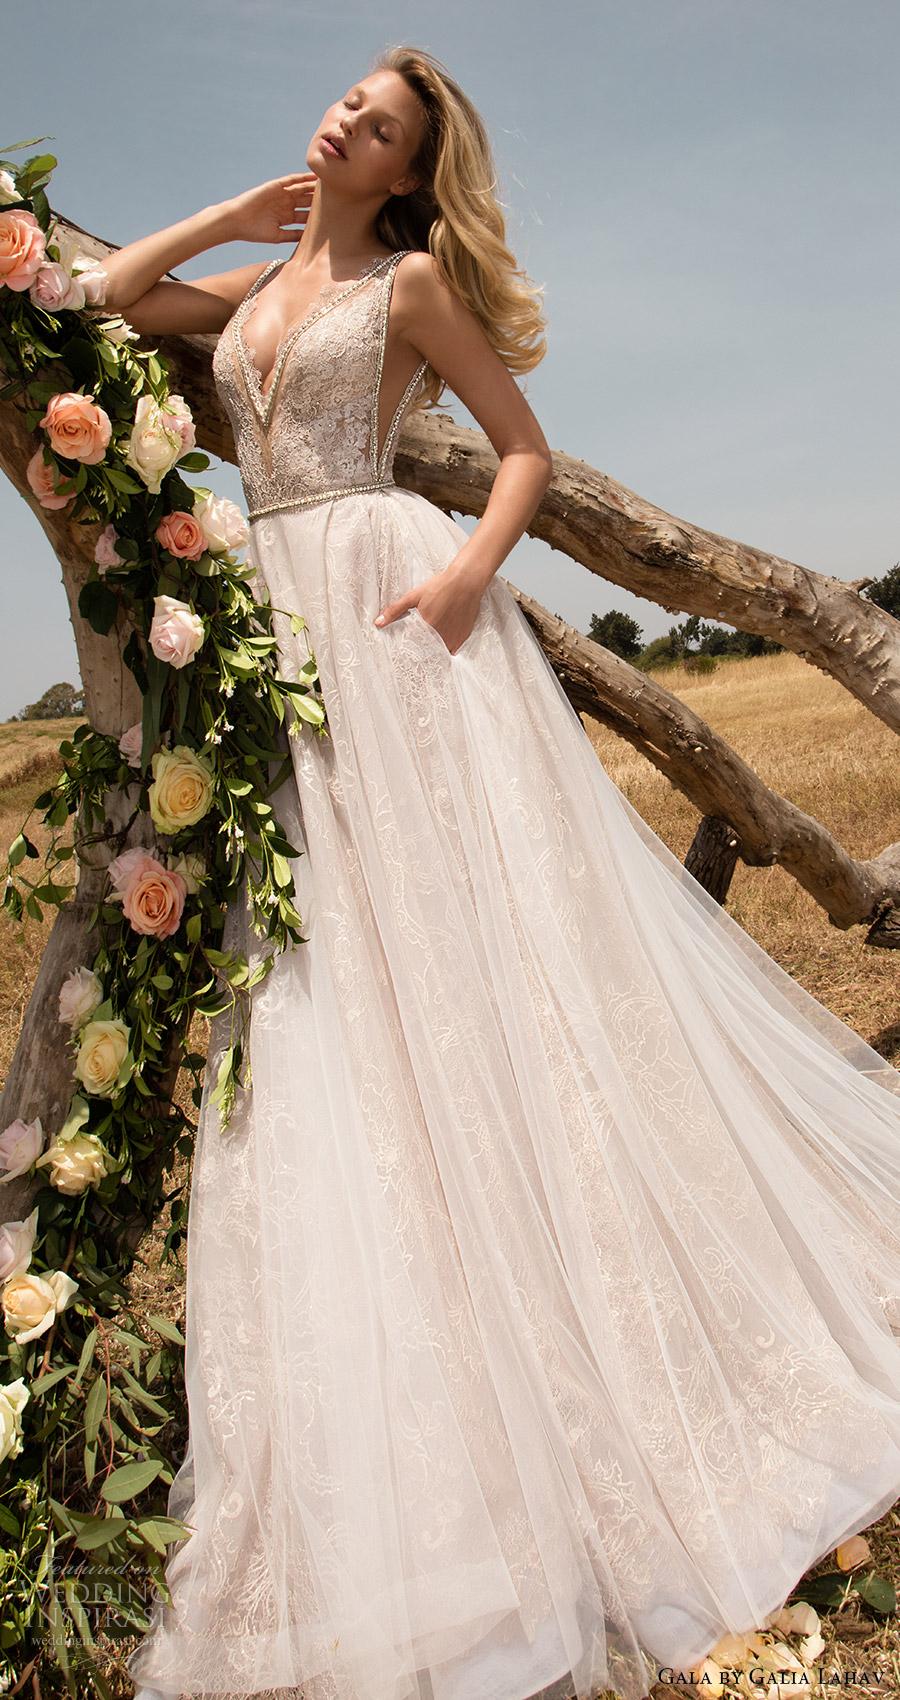 vestido de gala mv galia primavera Lahav 2017 mangas de la boda aline profunda vneck (711) mv bolsillo